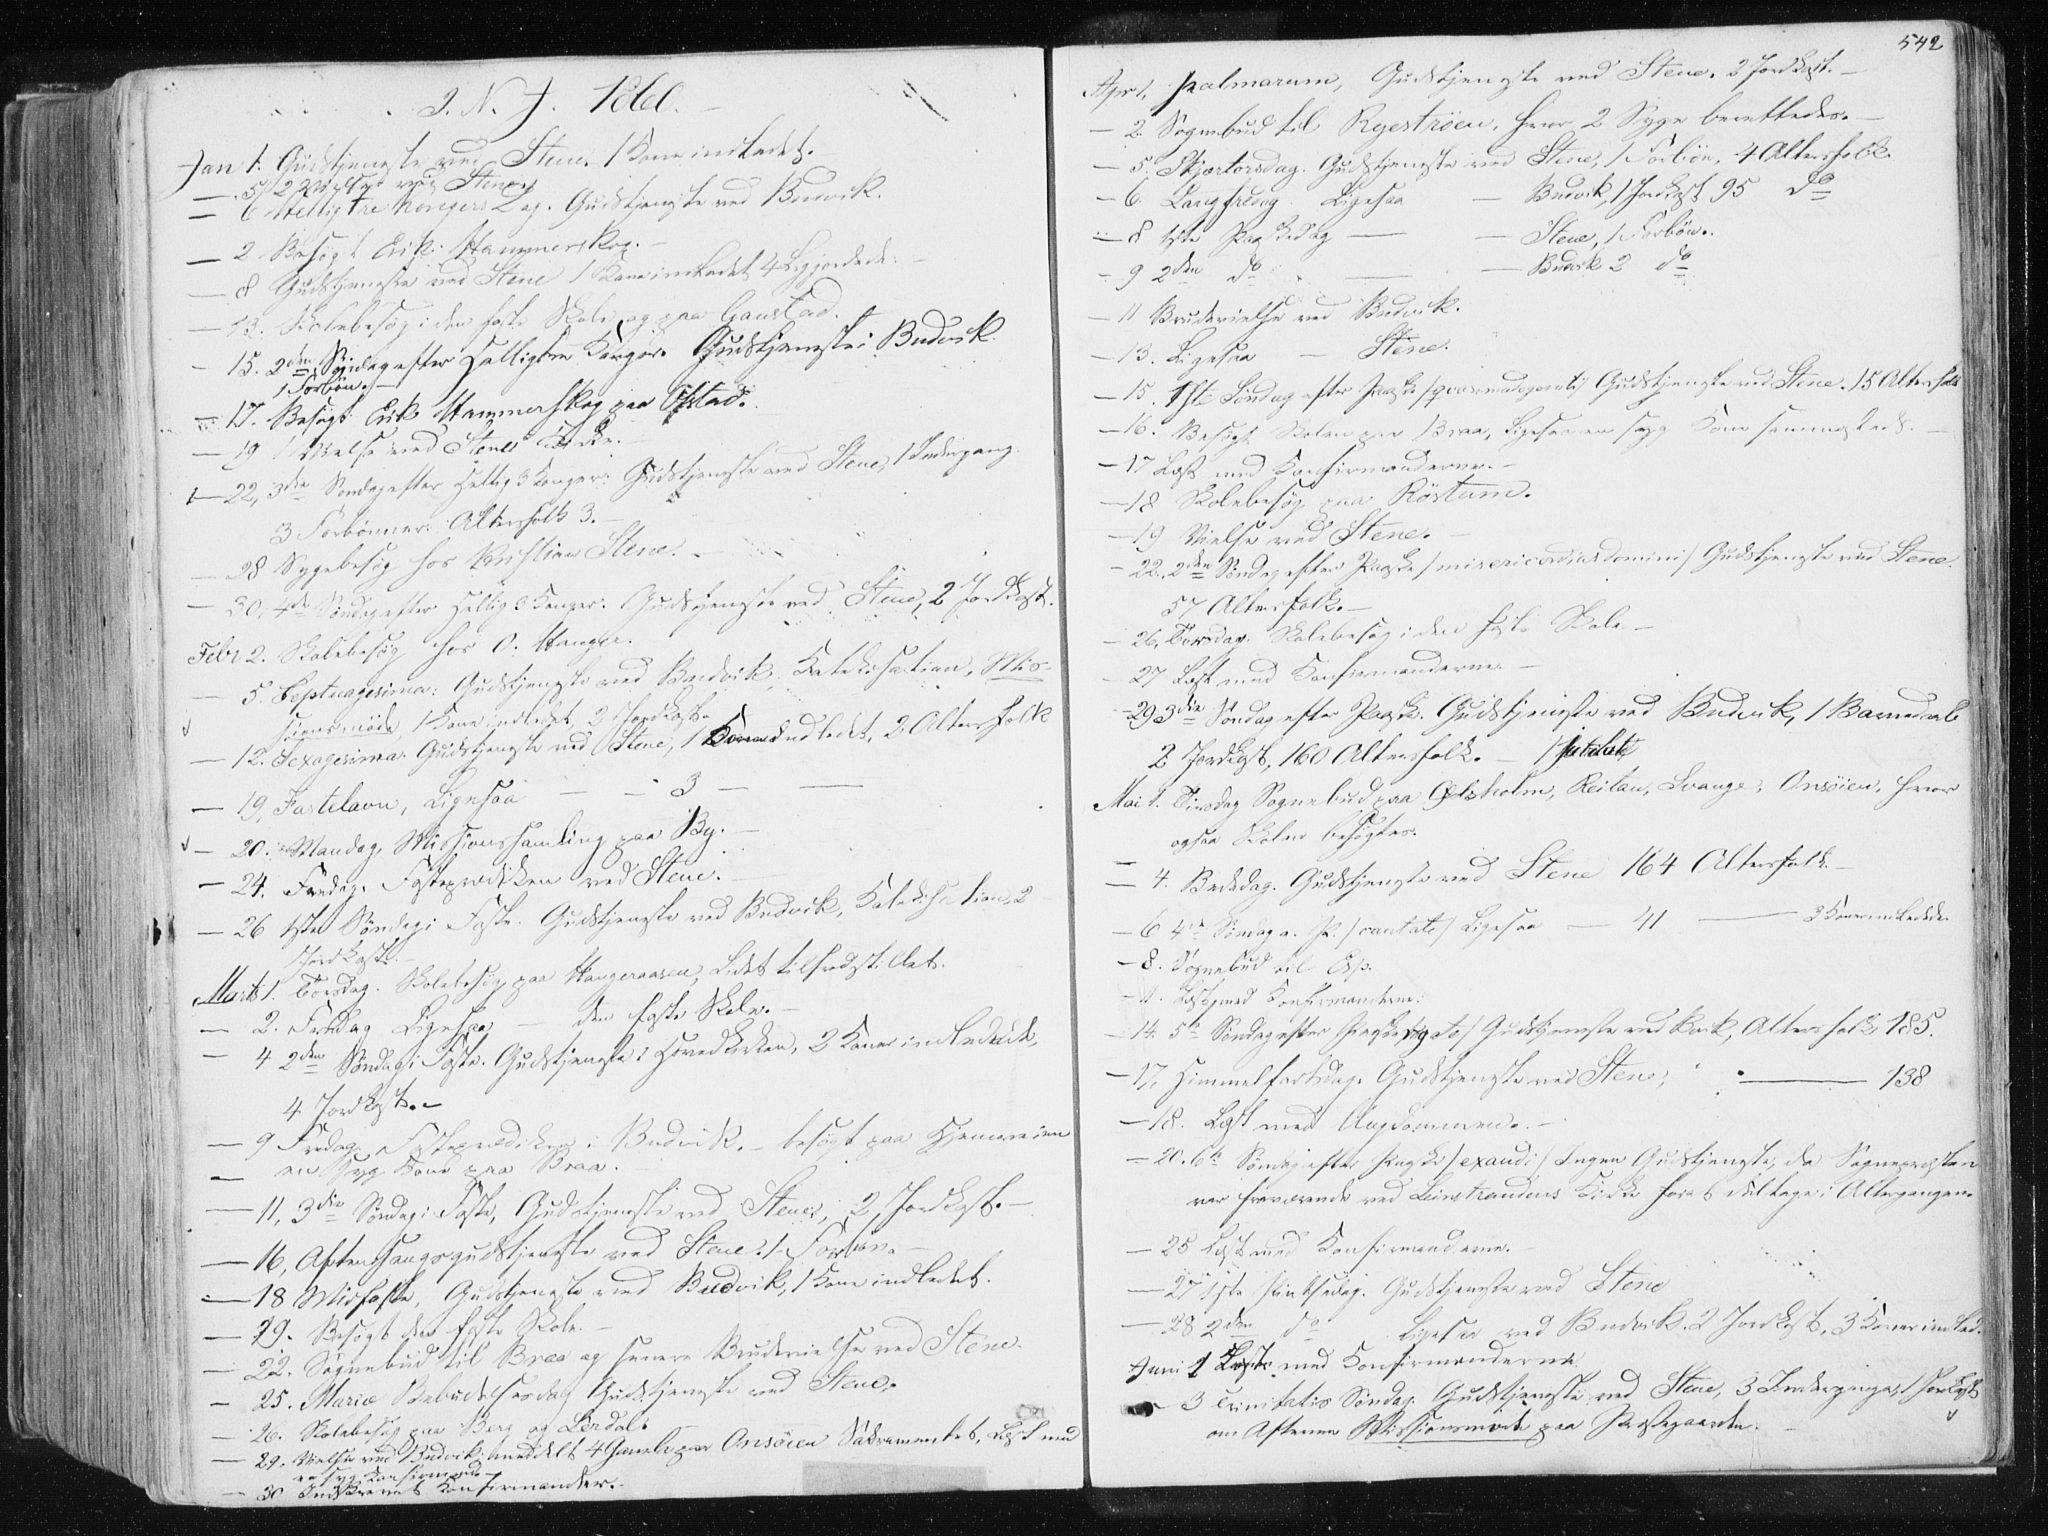 SAT, Ministerialprotokoller, klokkerbøker og fødselsregistre - Sør-Trøndelag, 612/L0377: Ministerialbok nr. 612A09, 1859-1877, s. 542